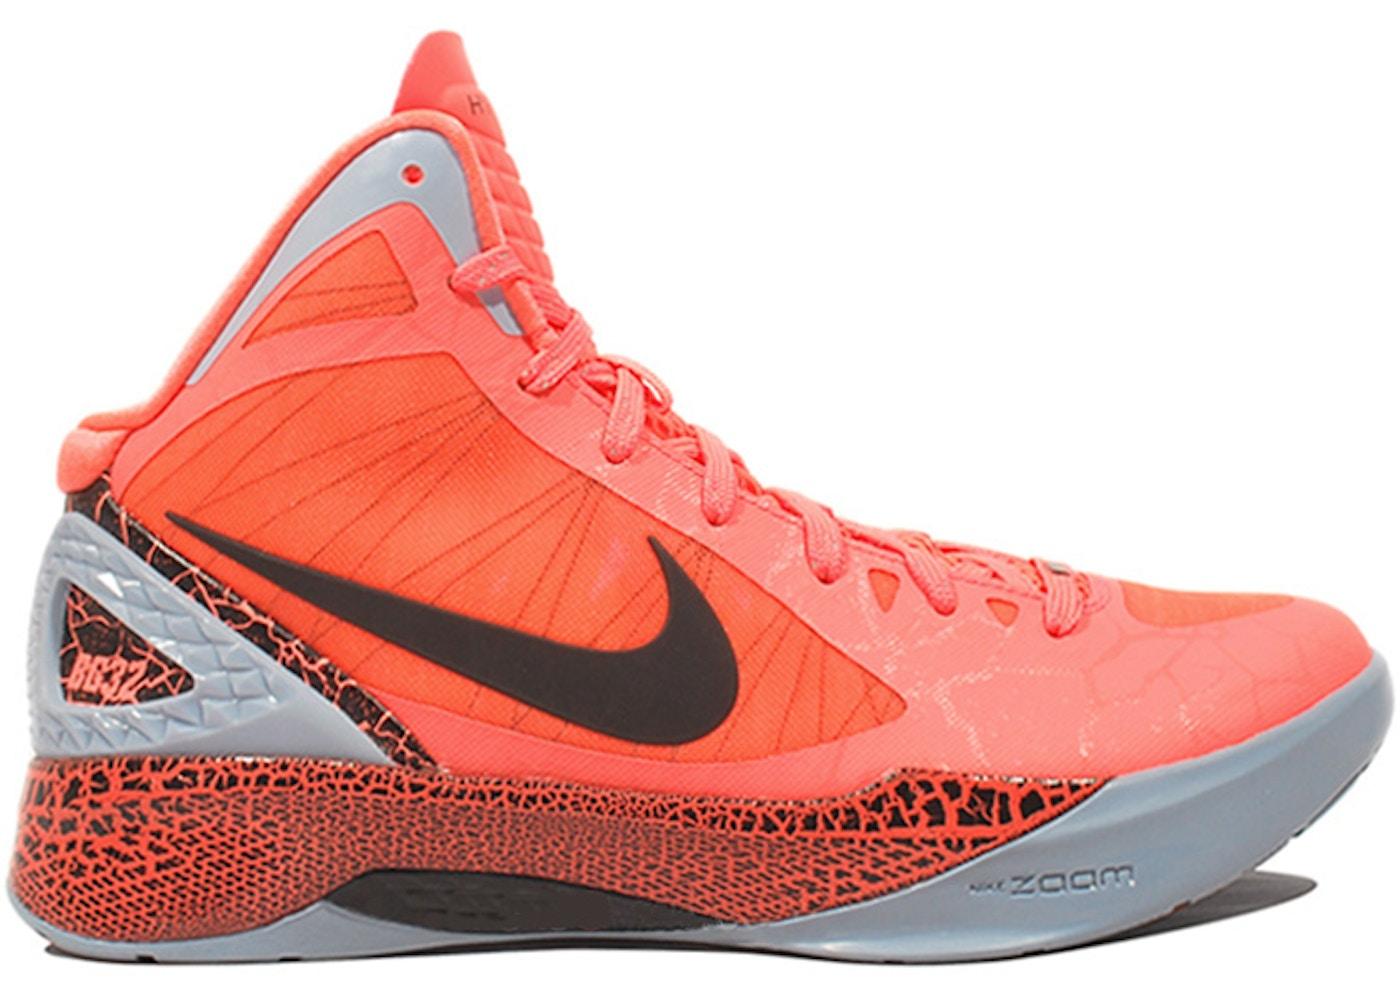 huge discount d3d20 b4229 Nike Hyperdunk 2011 Blake Griffin - 484935-800